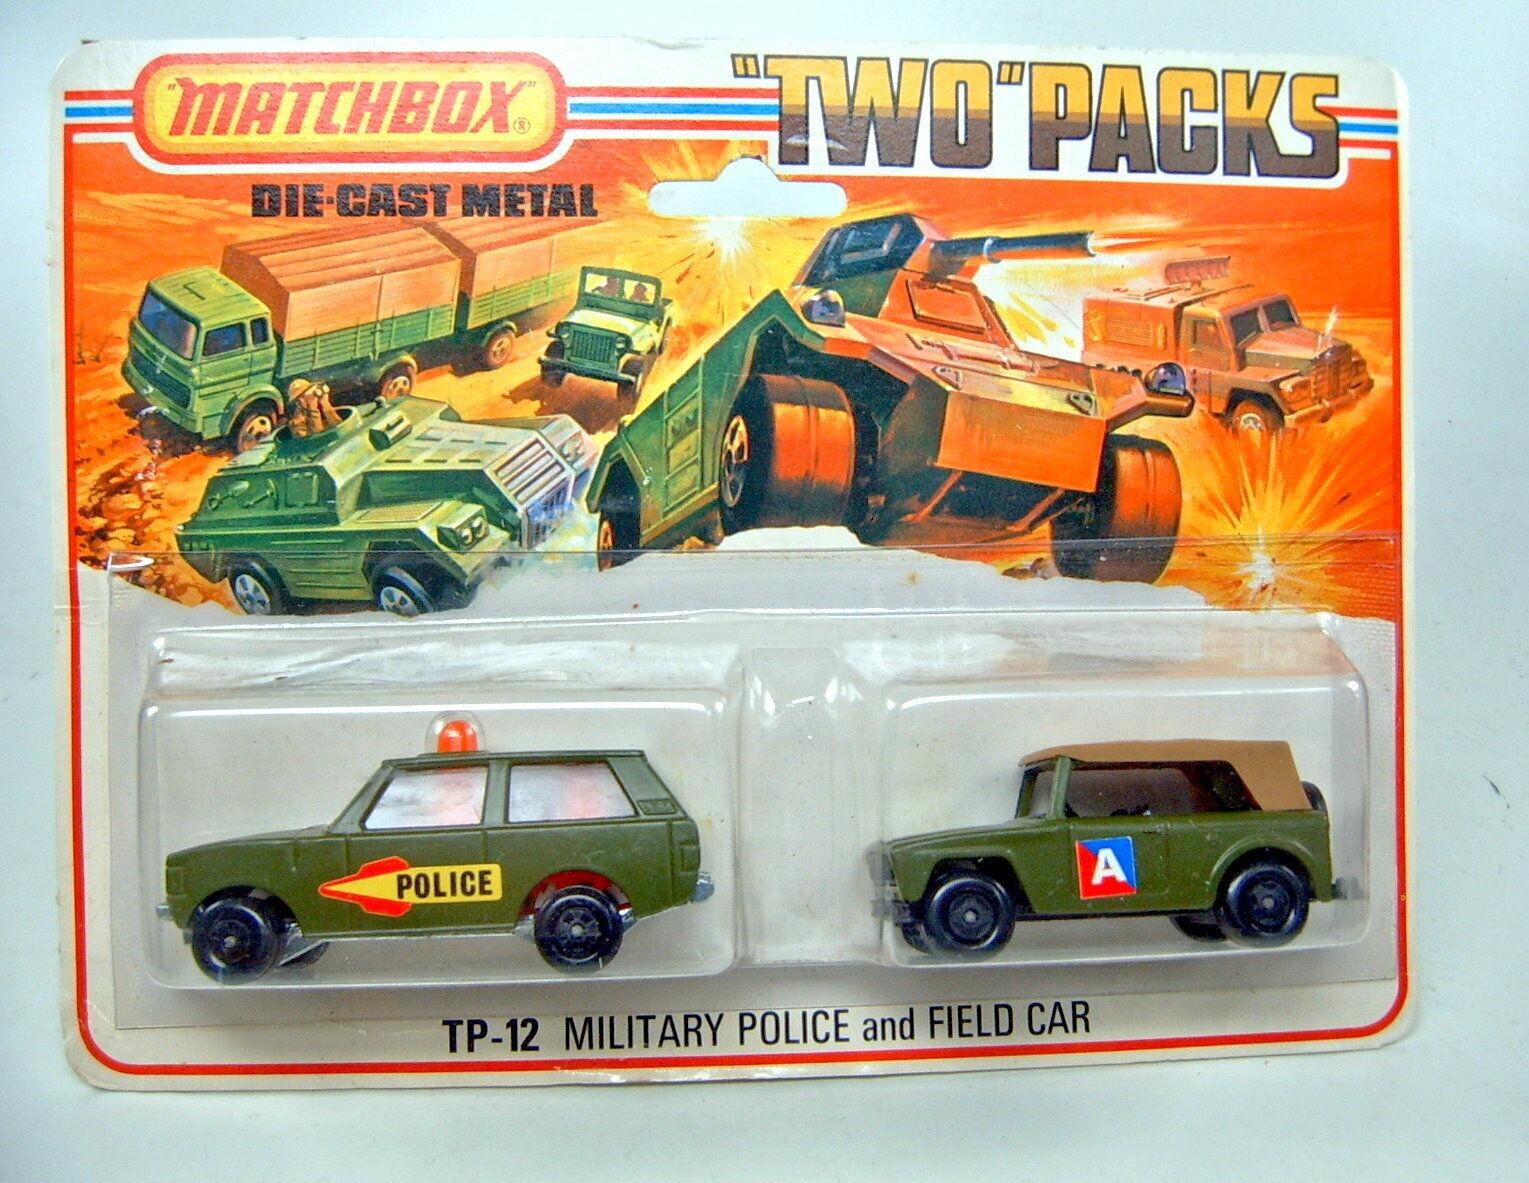 promociones Matchbox Matchbox Matchbox TP12 policía militar y campo coche  A  etiqueta súperior  barato en alta calidad